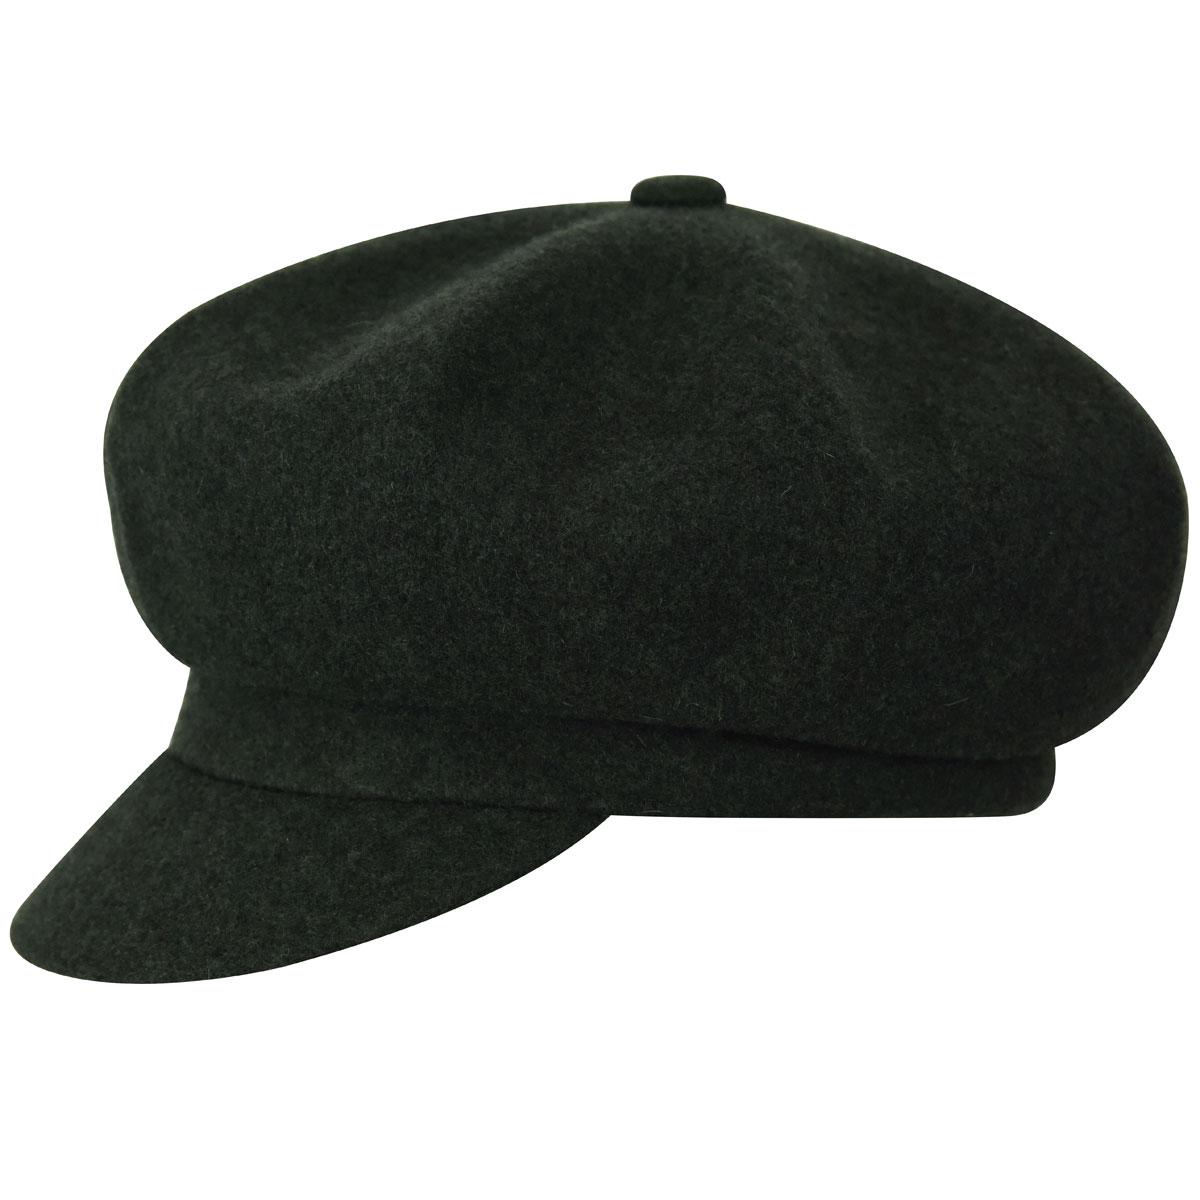 Retro Clothing for Men | Vintage Men's Fashion Wool Hawker $60.00 AT vintagedancer.com